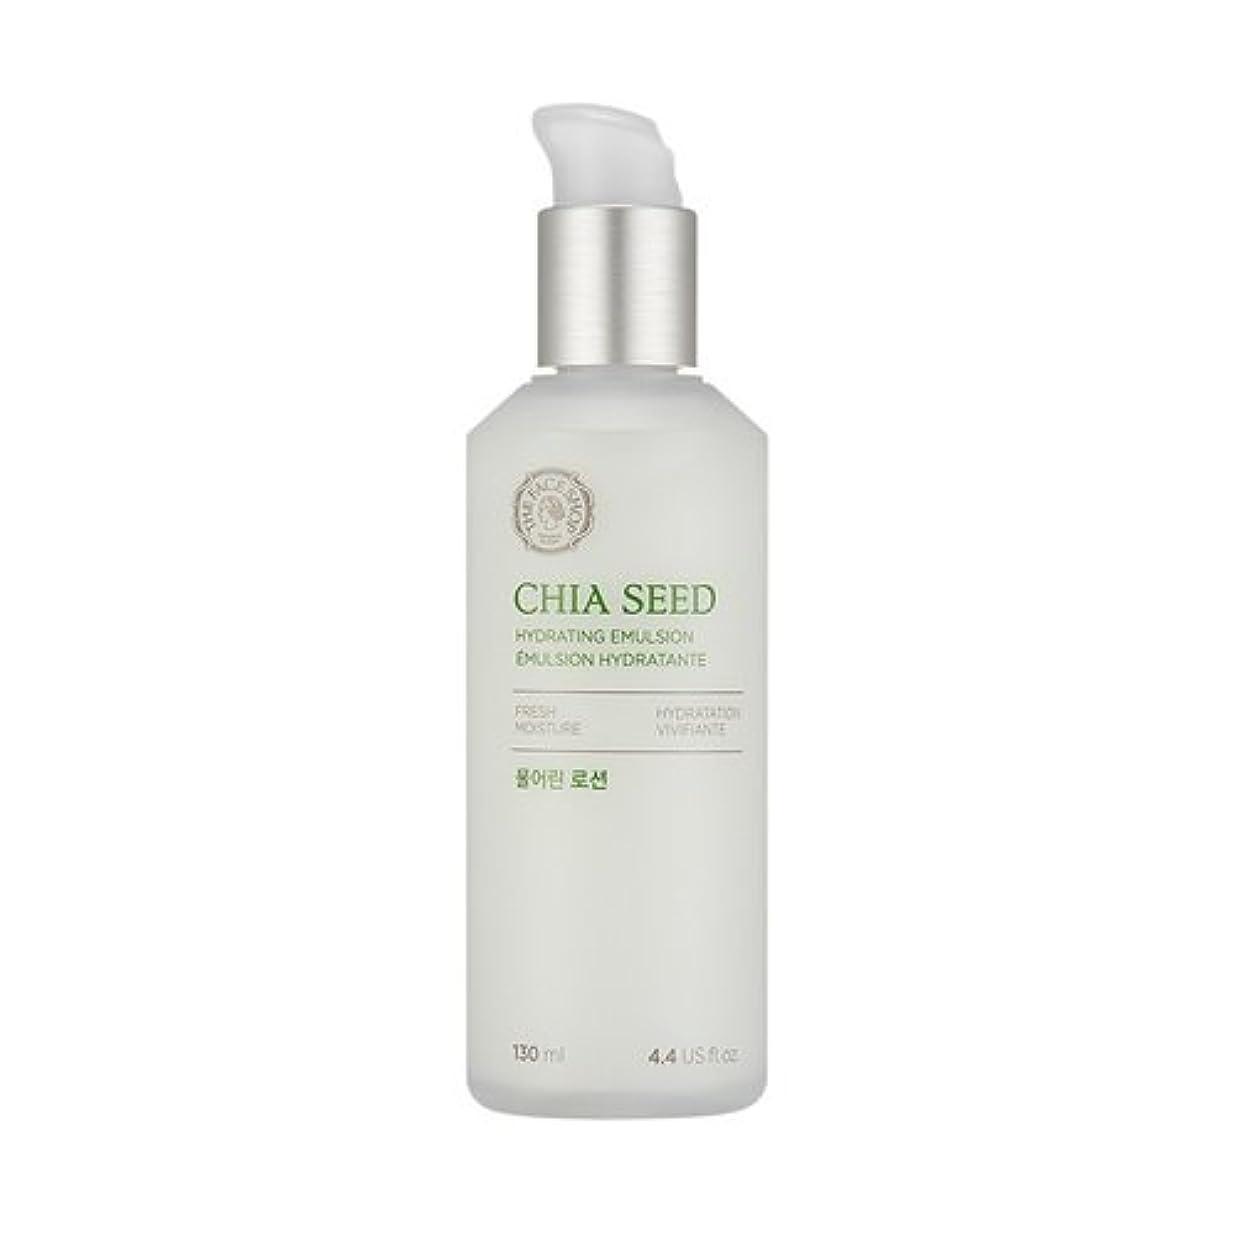 爪インディカミスペンドTHE FACE SHOP Chia Seed Hydrating Emulsion 130ml/ザフェイスショップ チアシード ハイドレイティング エマルジョン 130ml